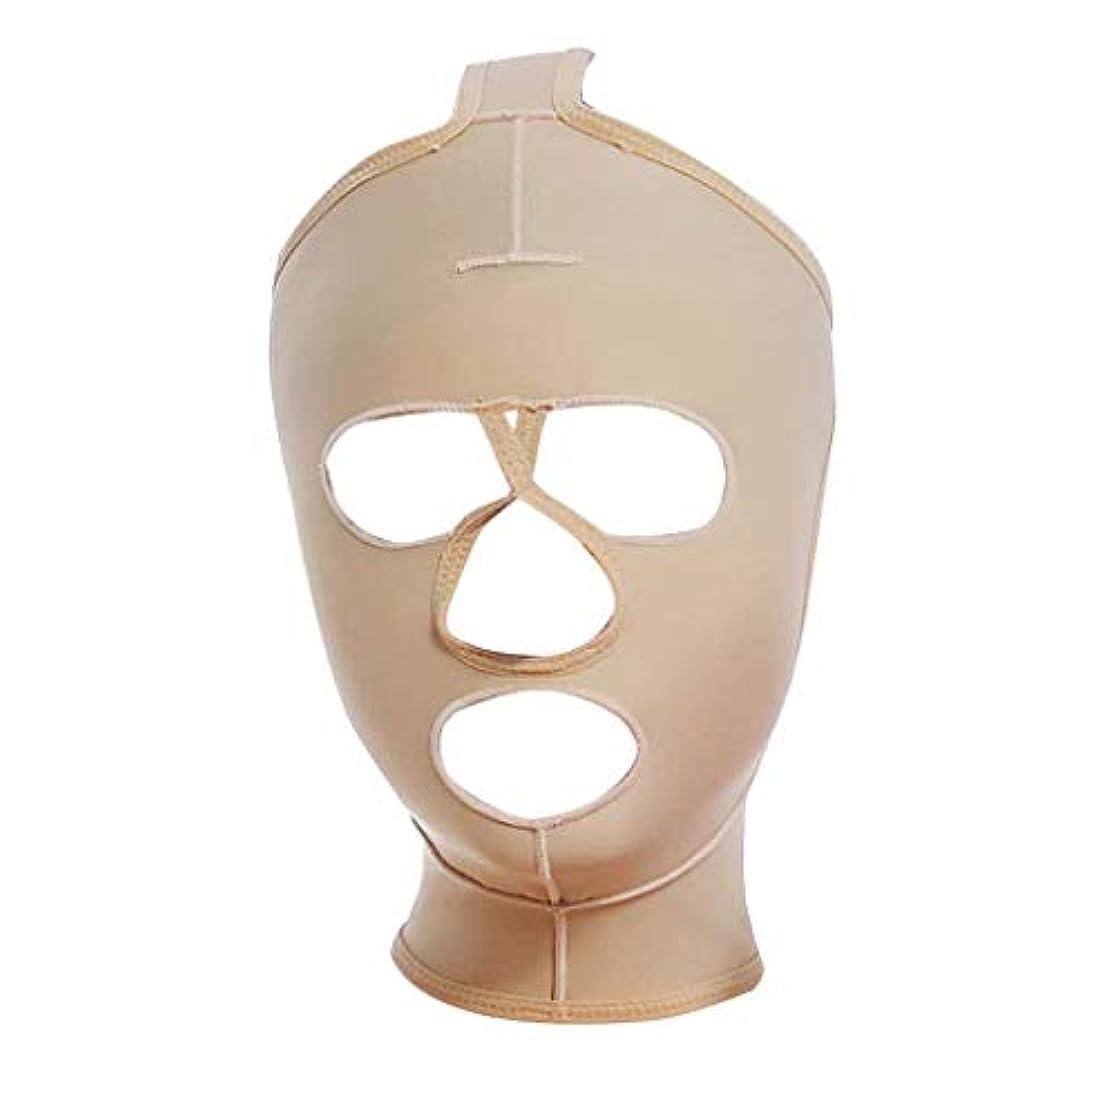 ジョガーに対処する艦隊フェイスアンドネックリフト、減量フェイスマスク脂肪吸引術脂肪吸引術シェーピングマスクフードフェイスリフティングアーティファクトVフェイスビームフェイス弾性スリーブ(サイズ:S)